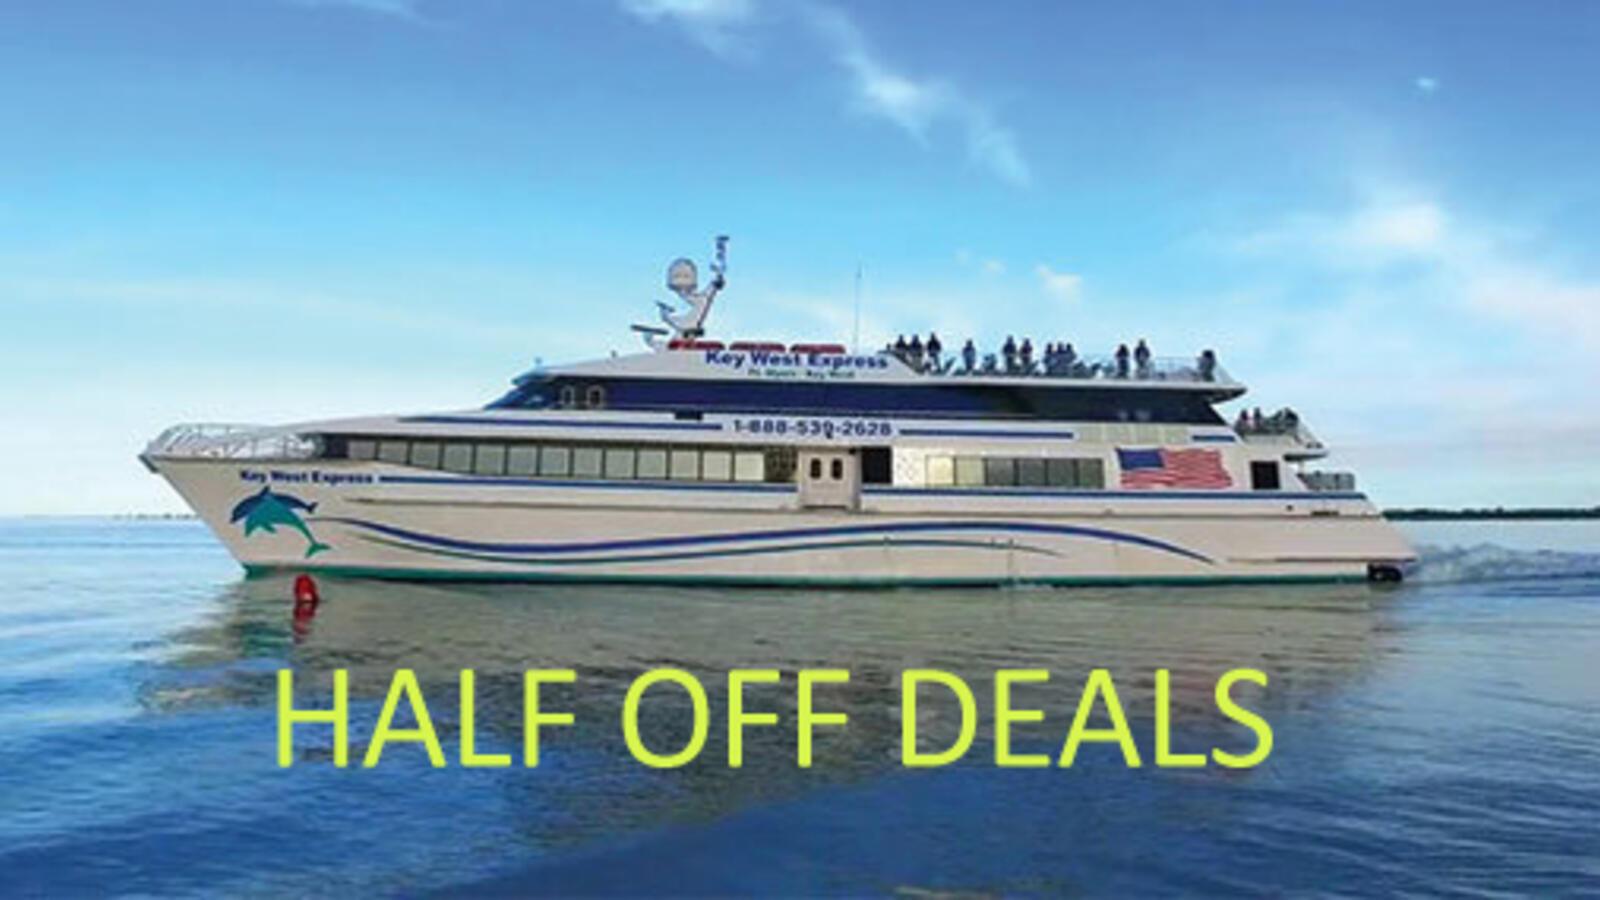 Half Off Deals-Key West